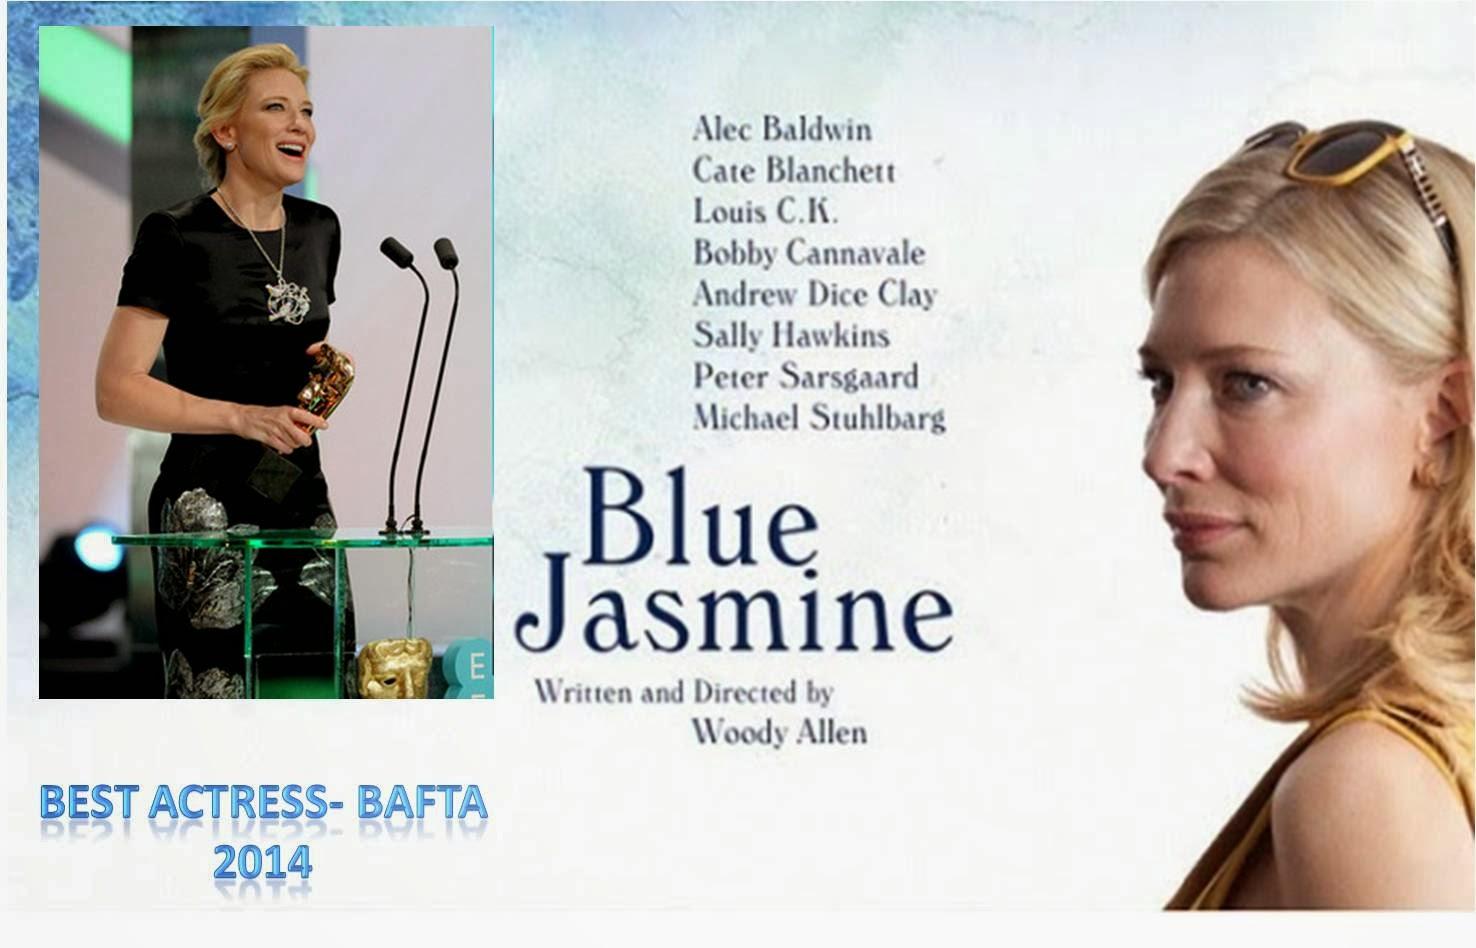 Best Actress BAFTA 2014- Cate Blanchett for Blue jasmine